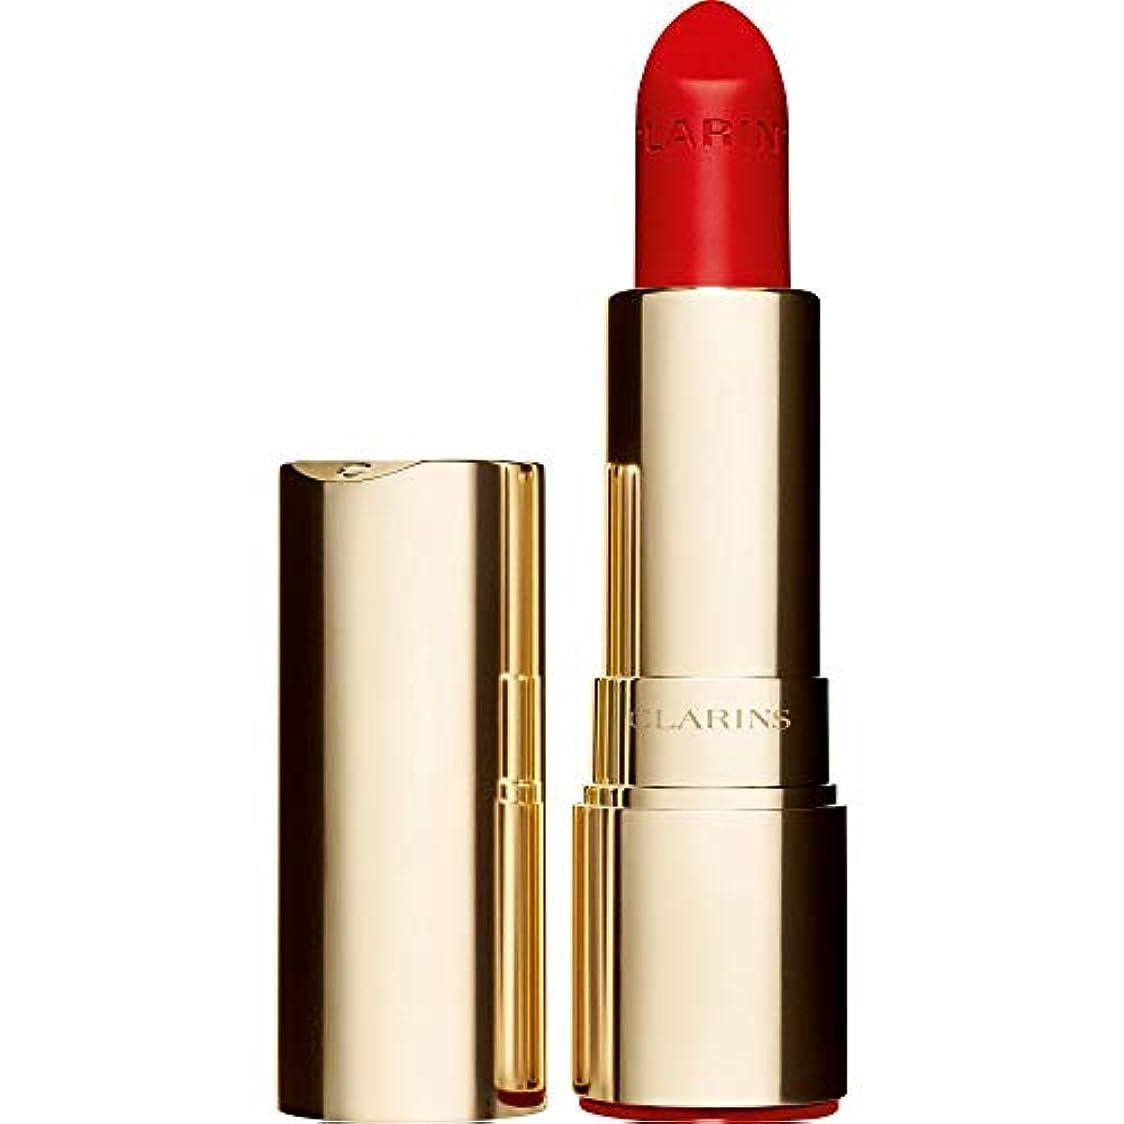 置き場ビジョン和[Clarins ] クラランスジョリルージュのベルベットの口紅3.5グラムの741V - 赤、オレンジ - Clarins Joli Rouge Velvet Lipstick 3.5g 741V - Red Orange...